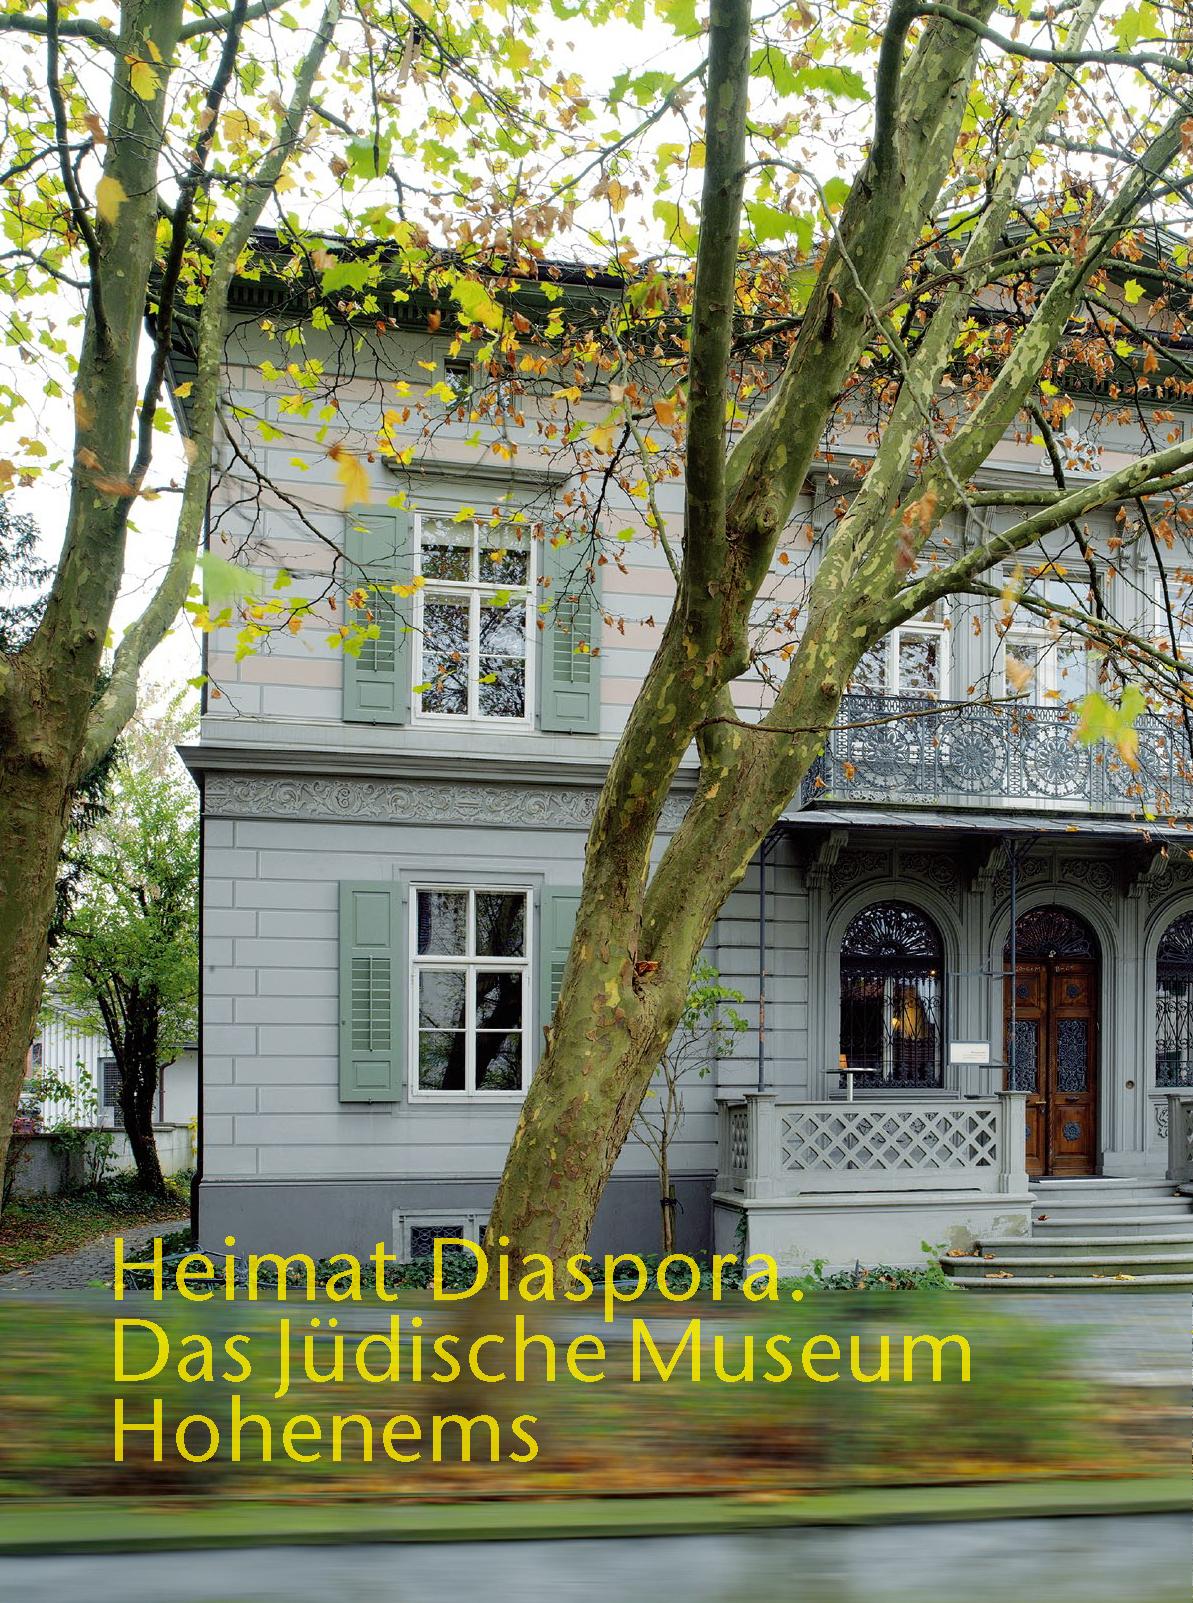 Publikation Heimat Diaspora